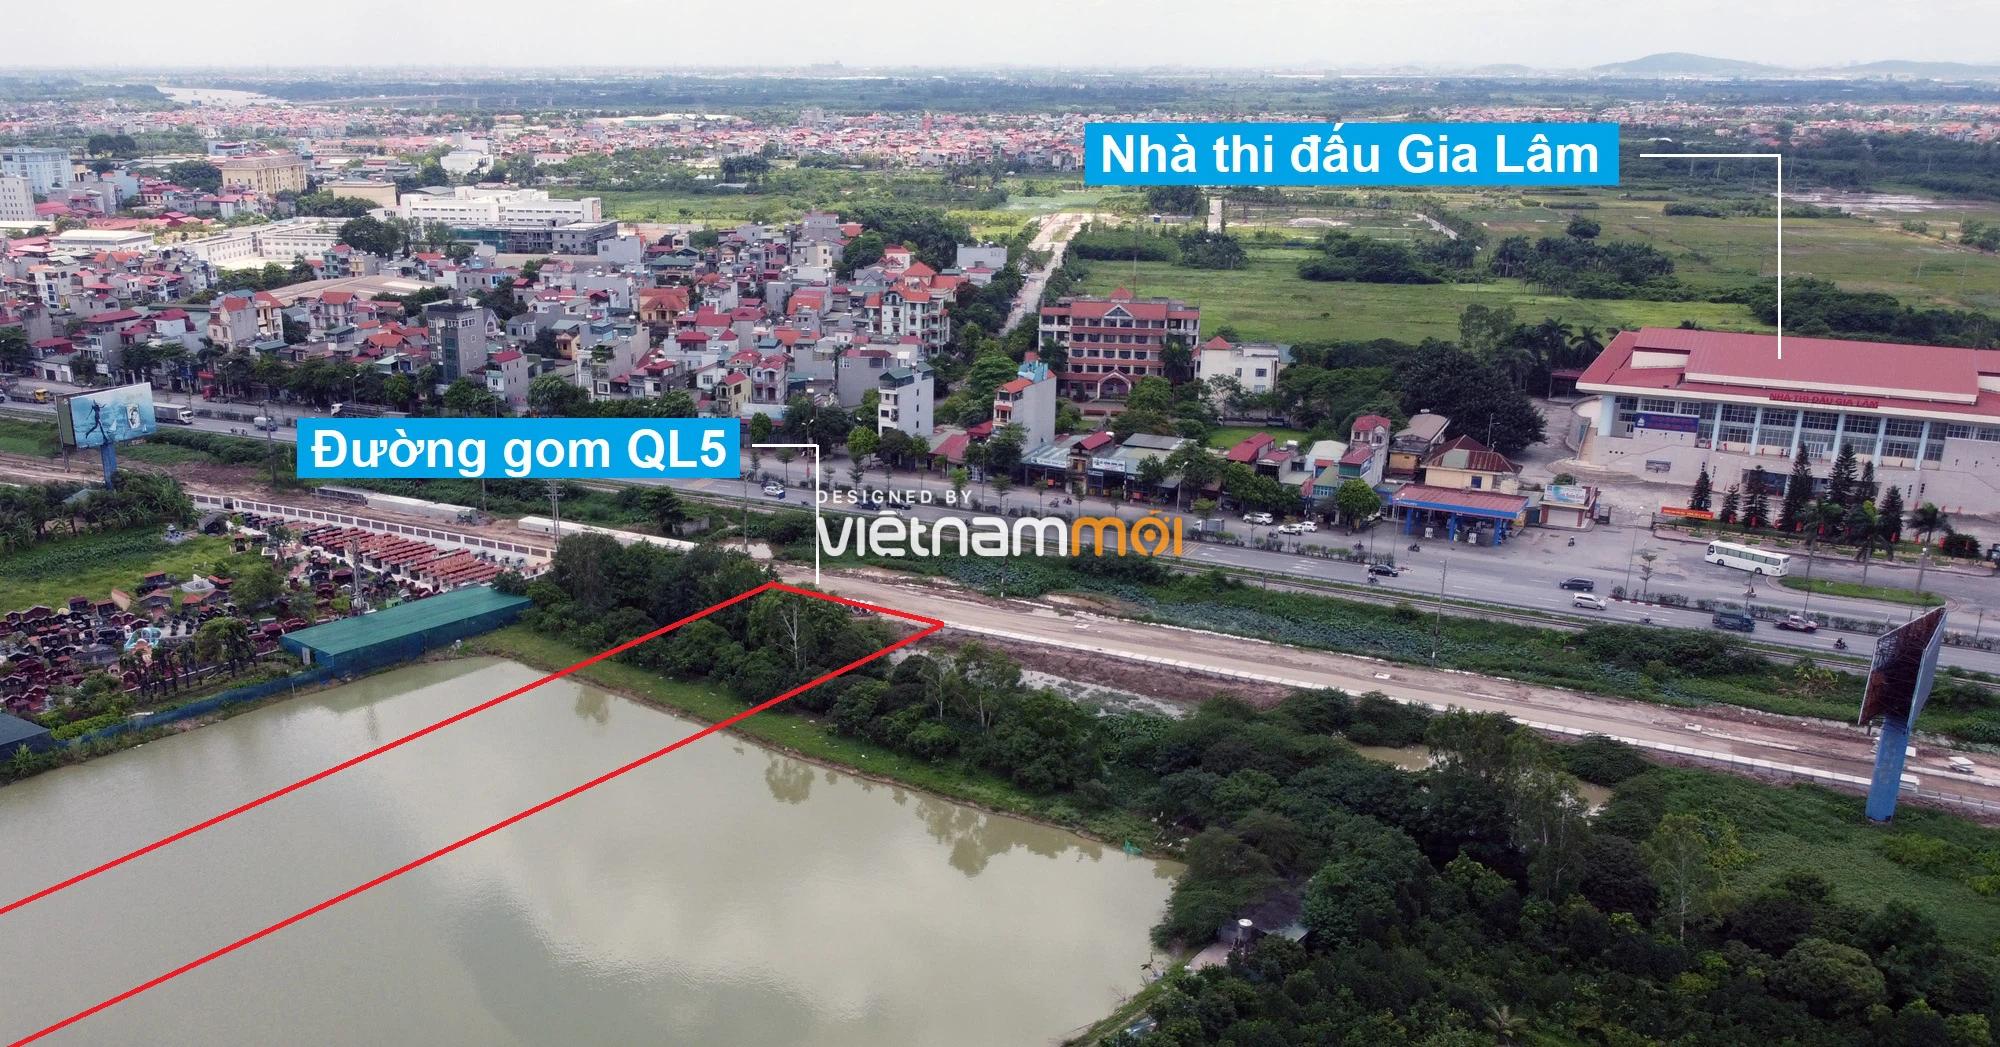 Đường sẽ mở theo quy hoạch ở thị trấn Trâu Quỳ, Gia Lâm, Hà Nội (phần 3) - Ảnh 10.